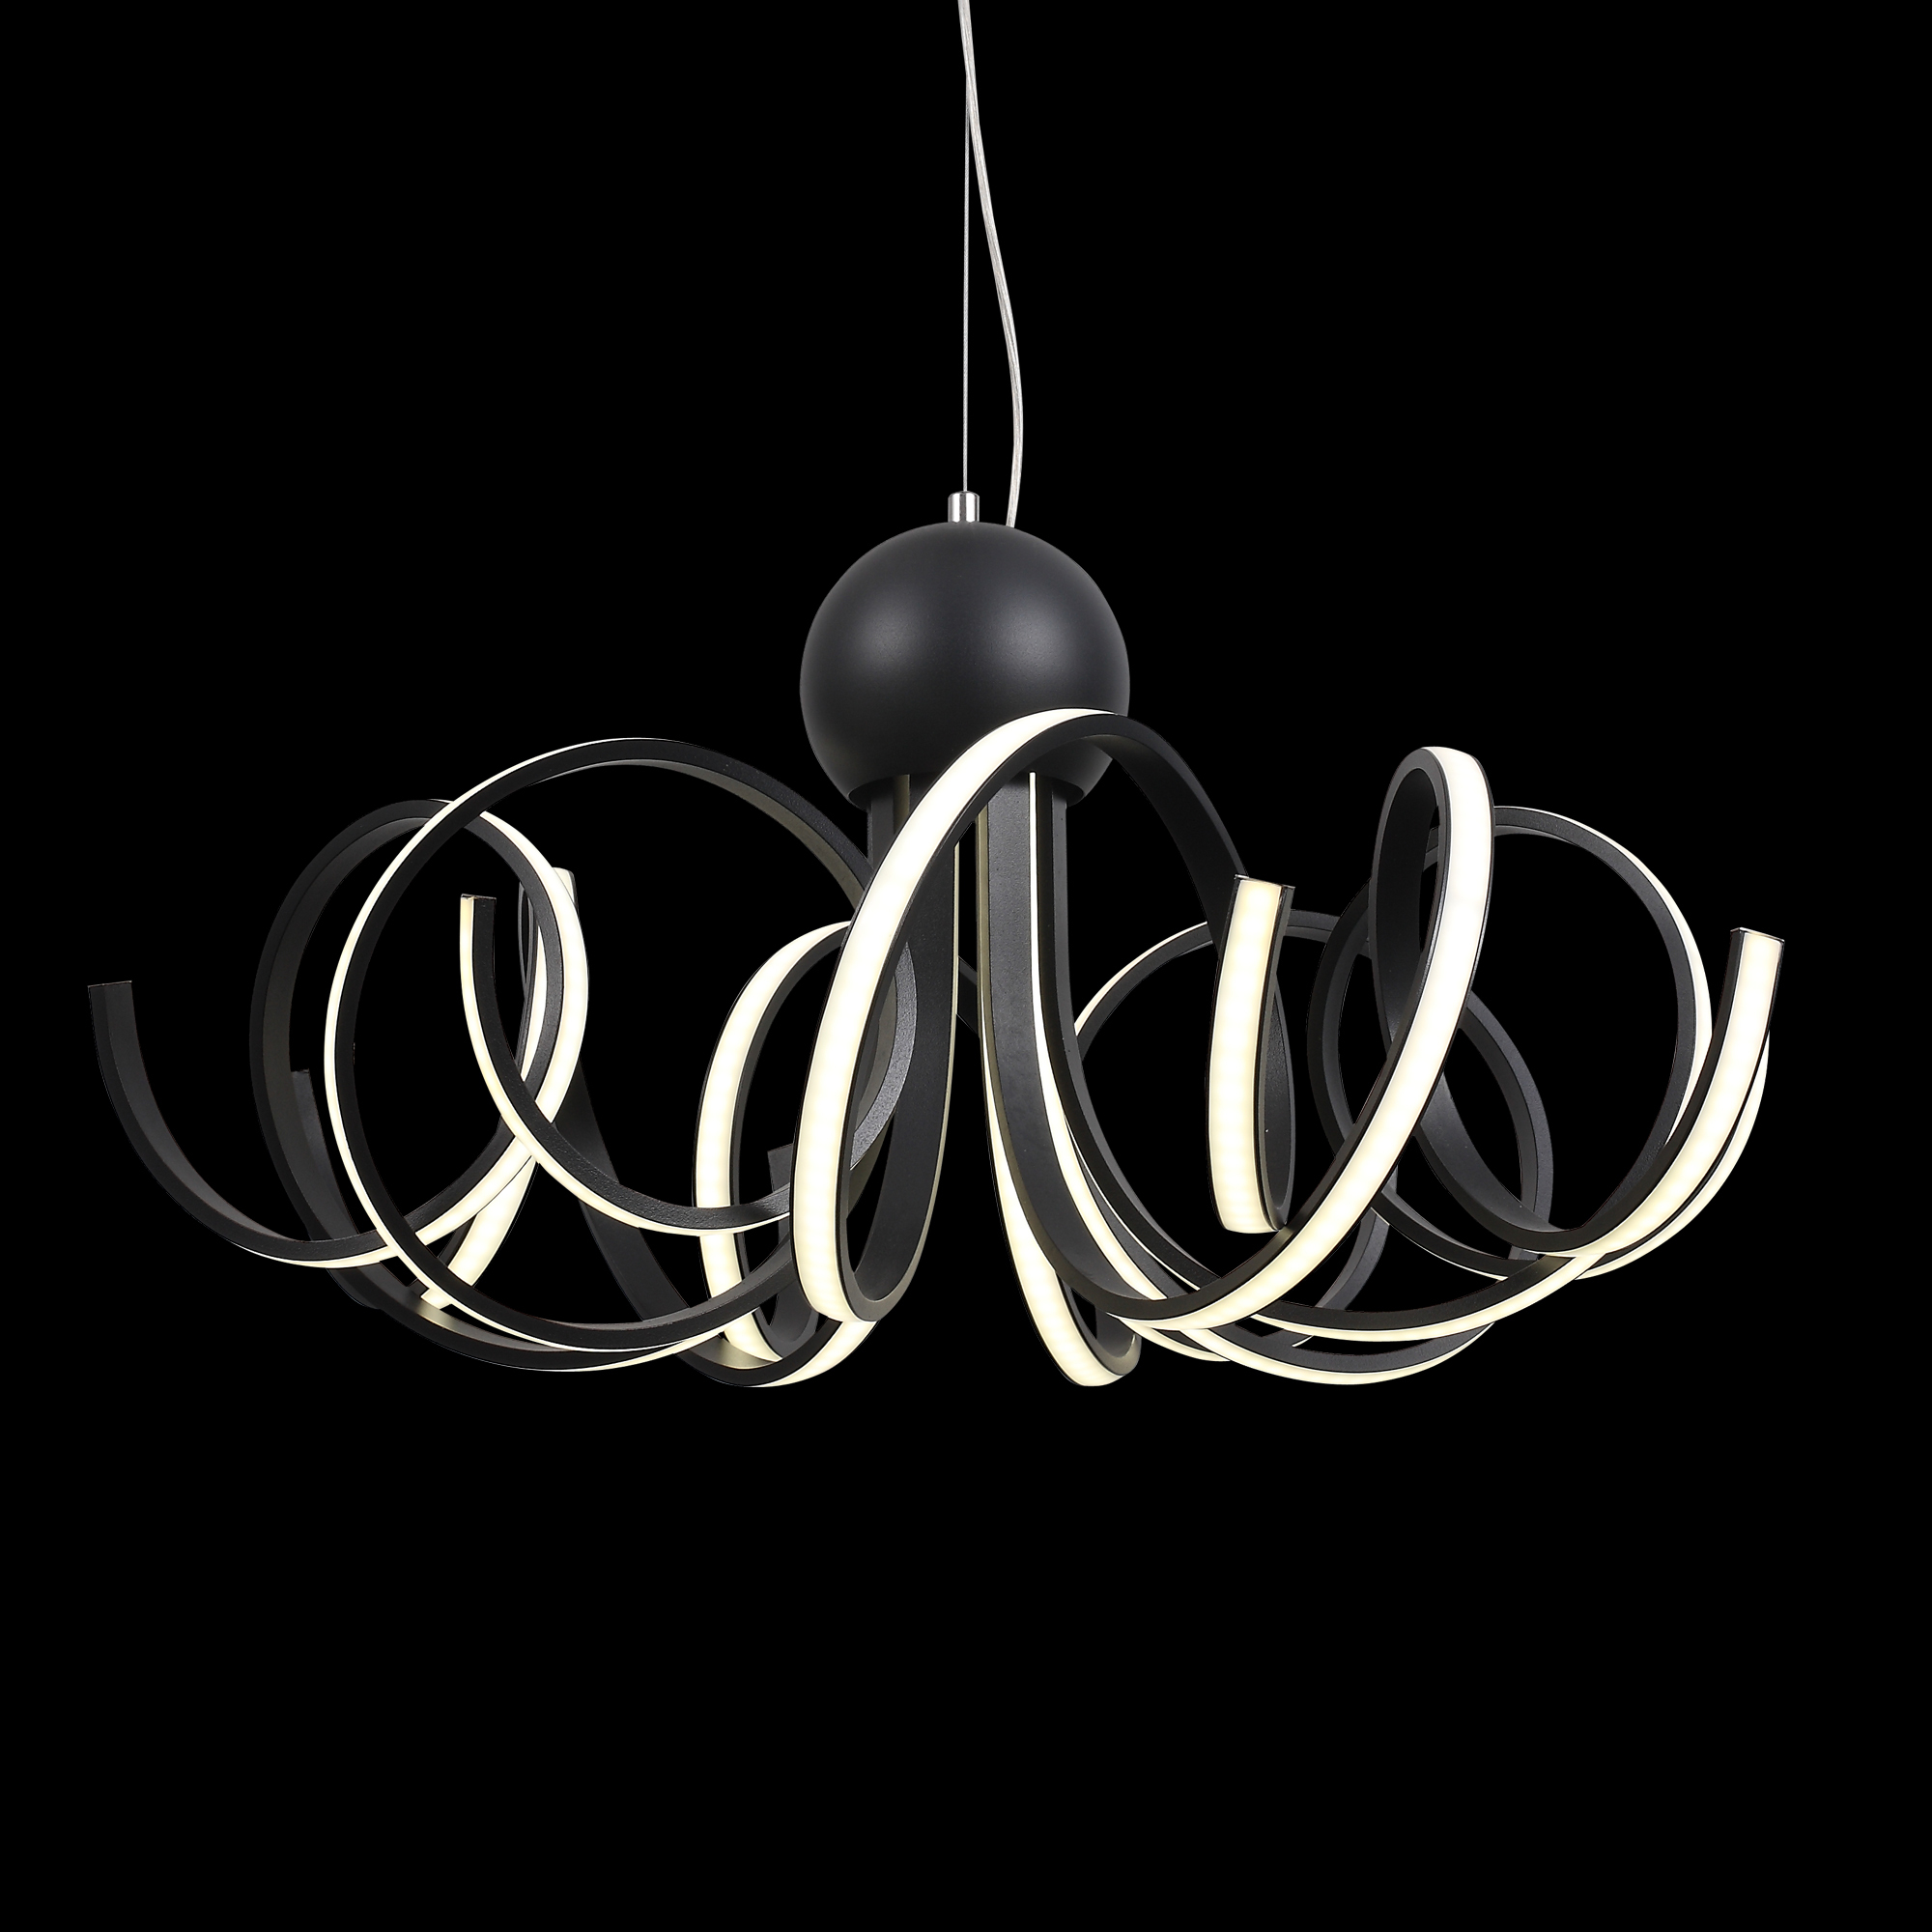 Подвесная светодиодная люстра ST Luce Fondere SL906.403.08, LED 120W, 4000K (дневной), черный, белый, металл, пластик - фото 8